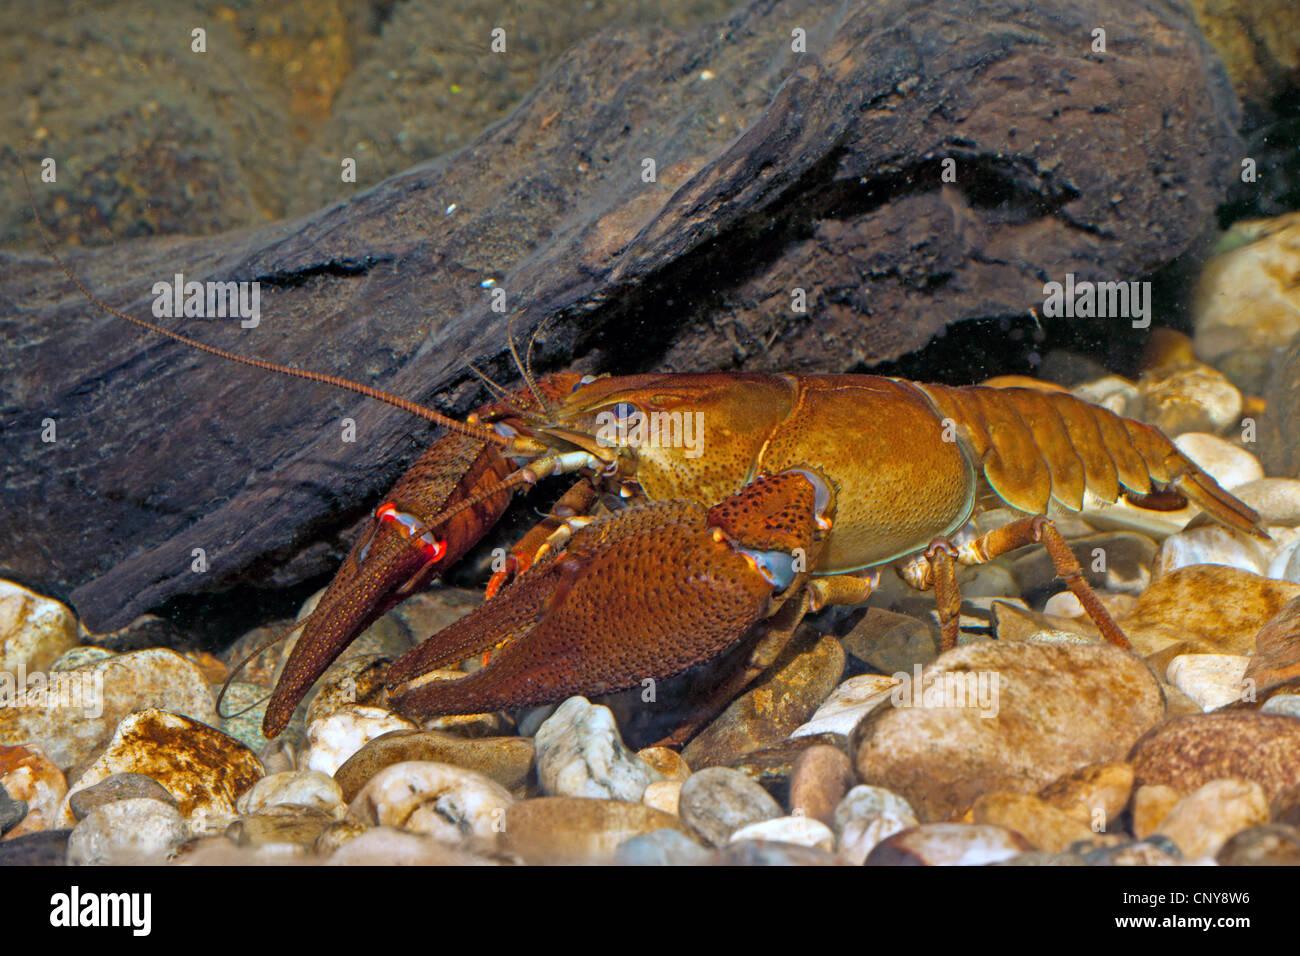 Nobile gamberi di fiume (Astacus astacus), maschio sulla massa di ghiaia Immagini Stock